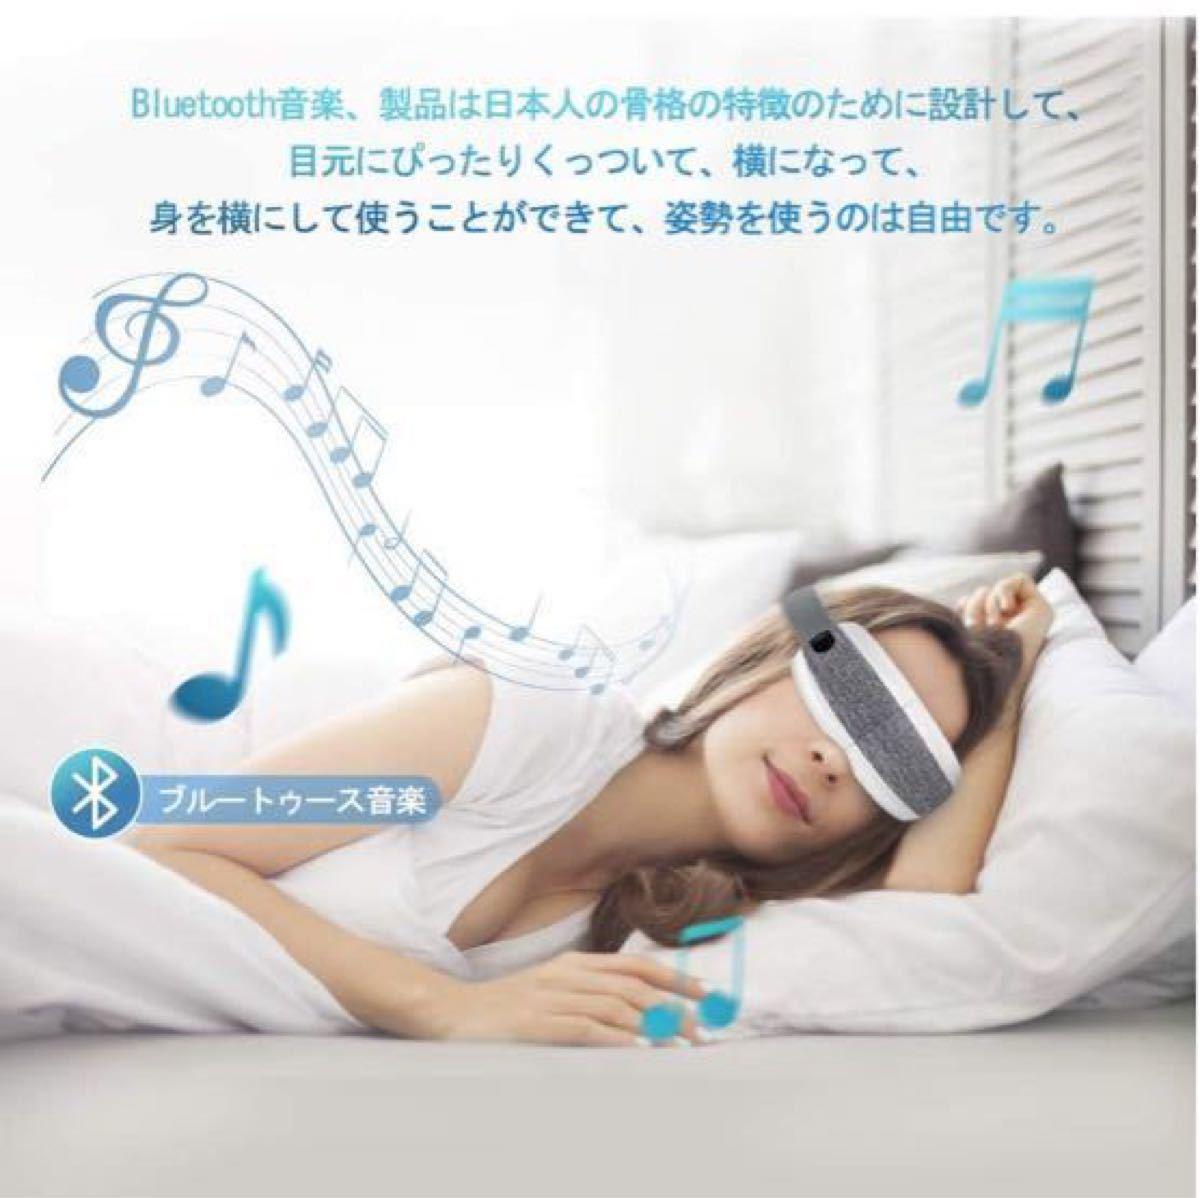 アイマッサージャー グラフェン素材 空気圧マッサージ Bluetooth音楽